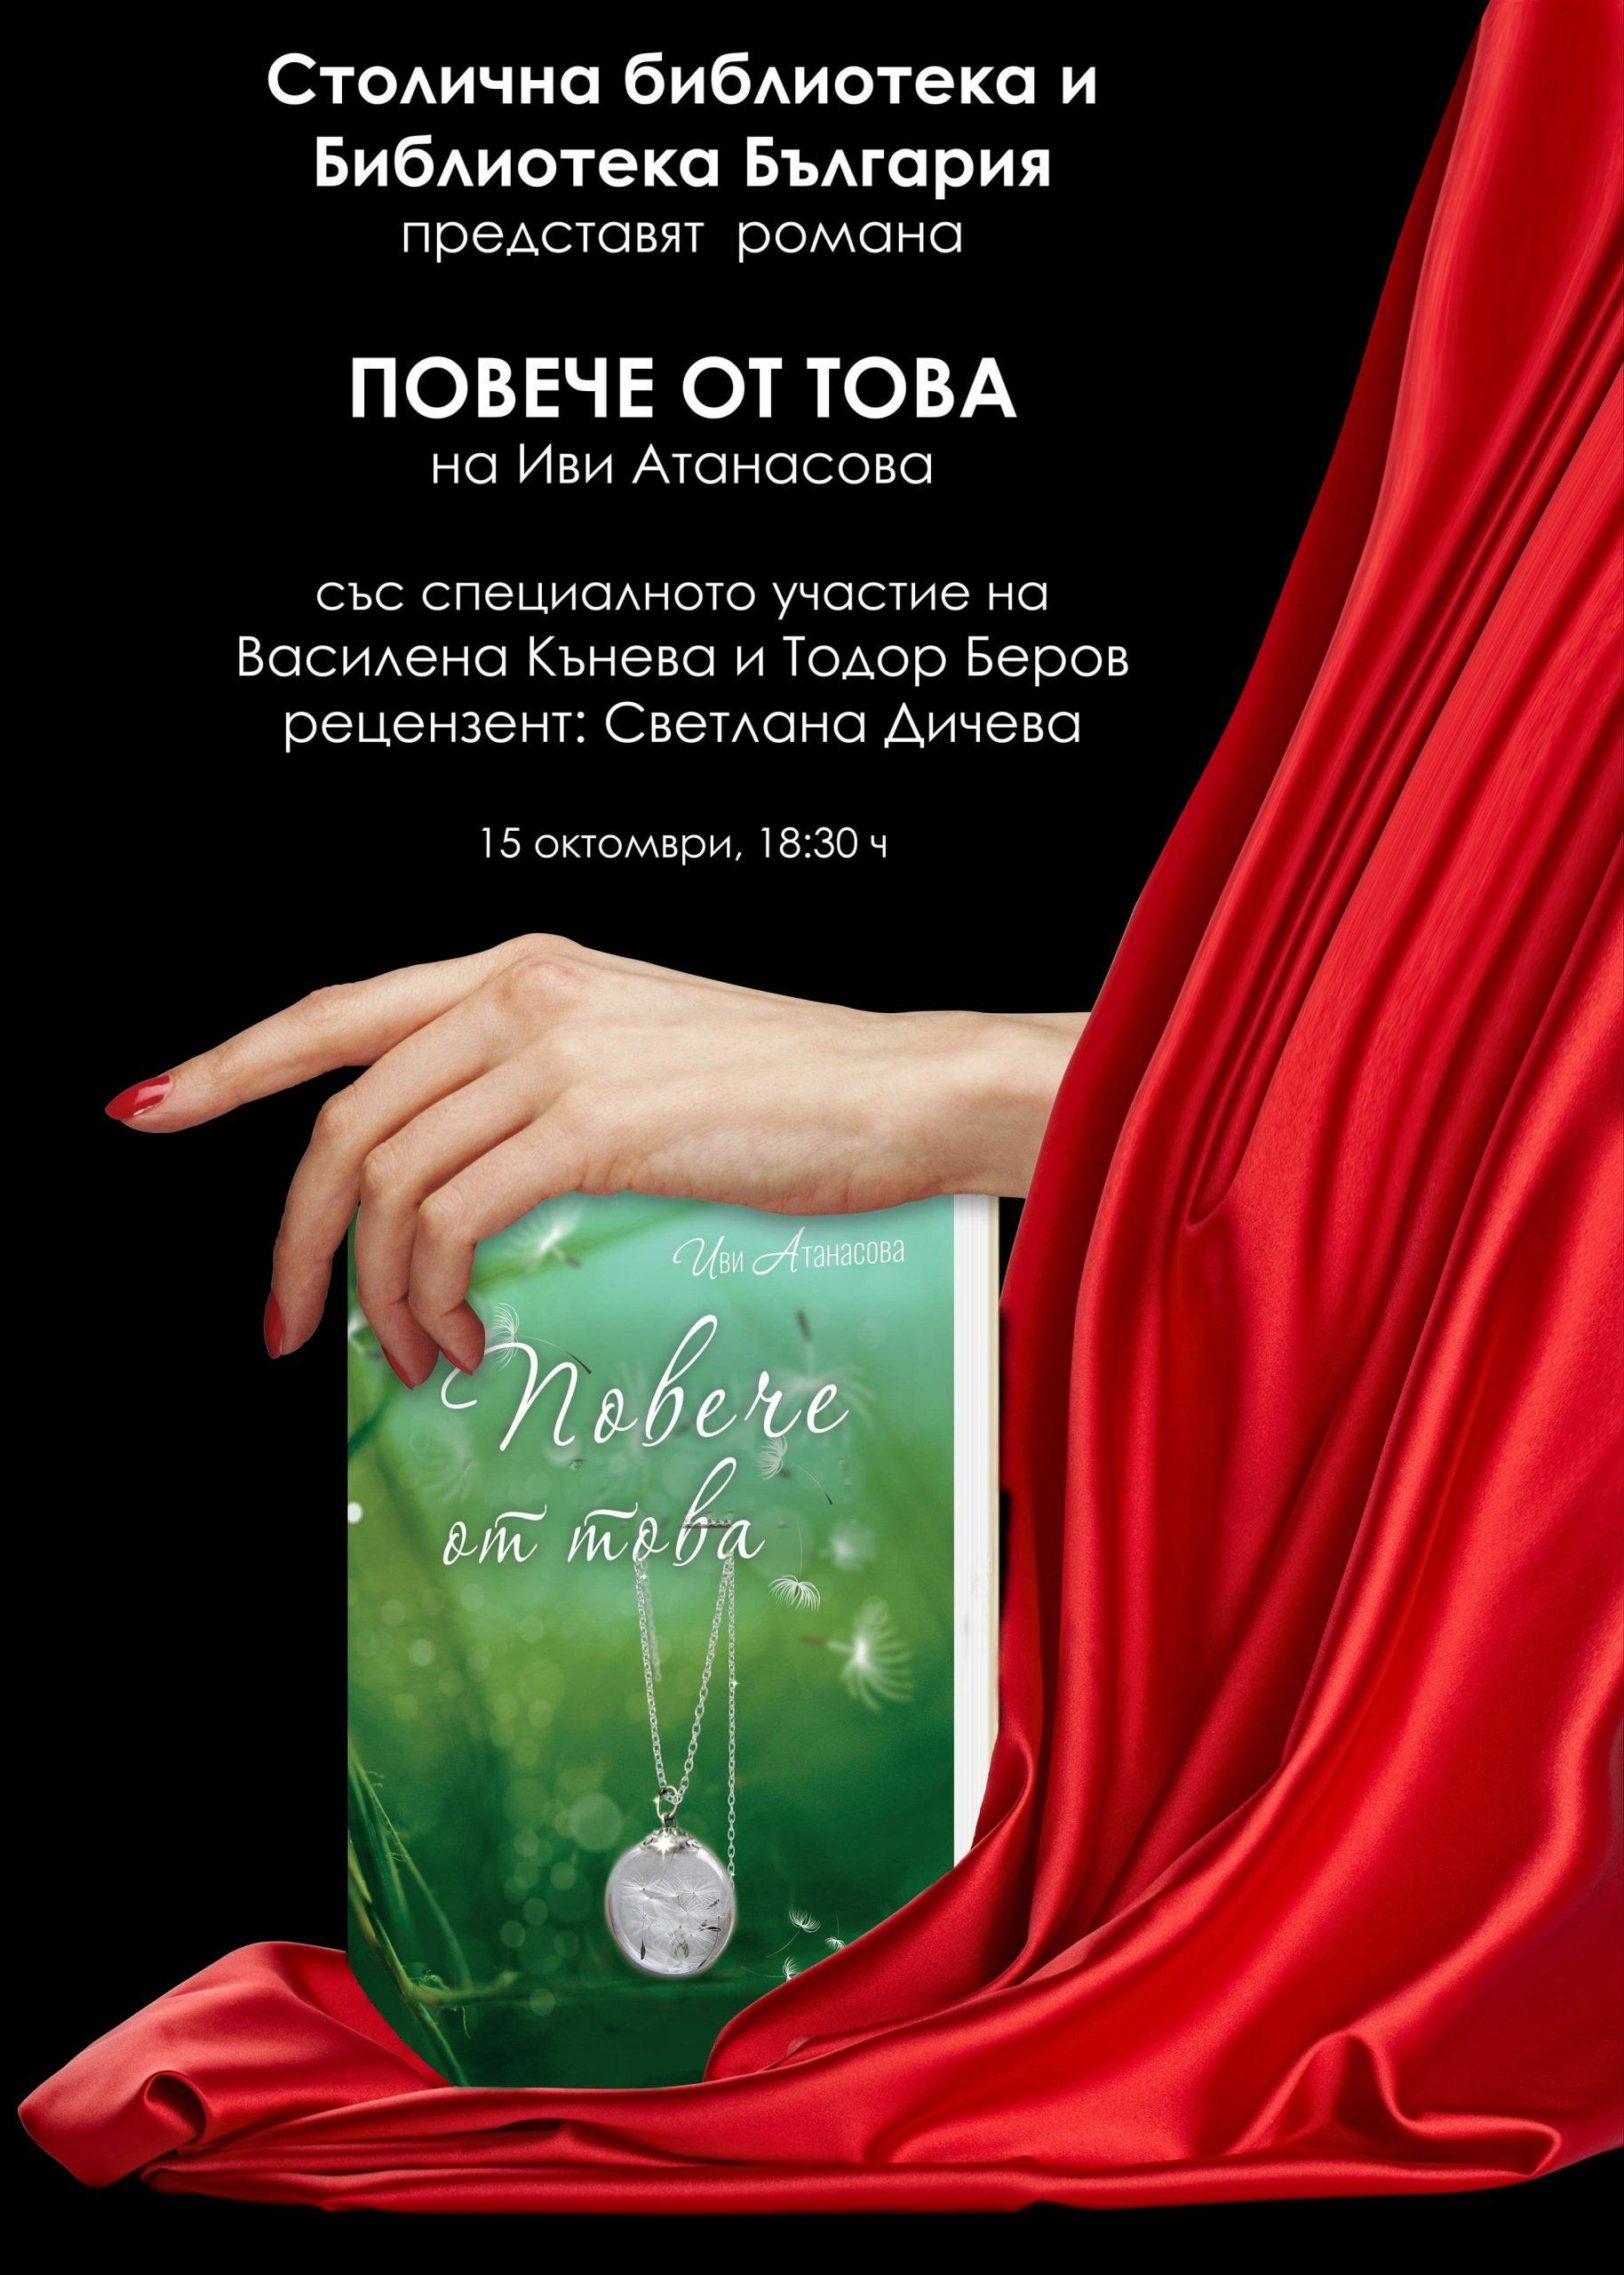 """""""ПОВЕЧЕ ОТ ТОВА"""" - премиера на роман от Иви Атанасова"""